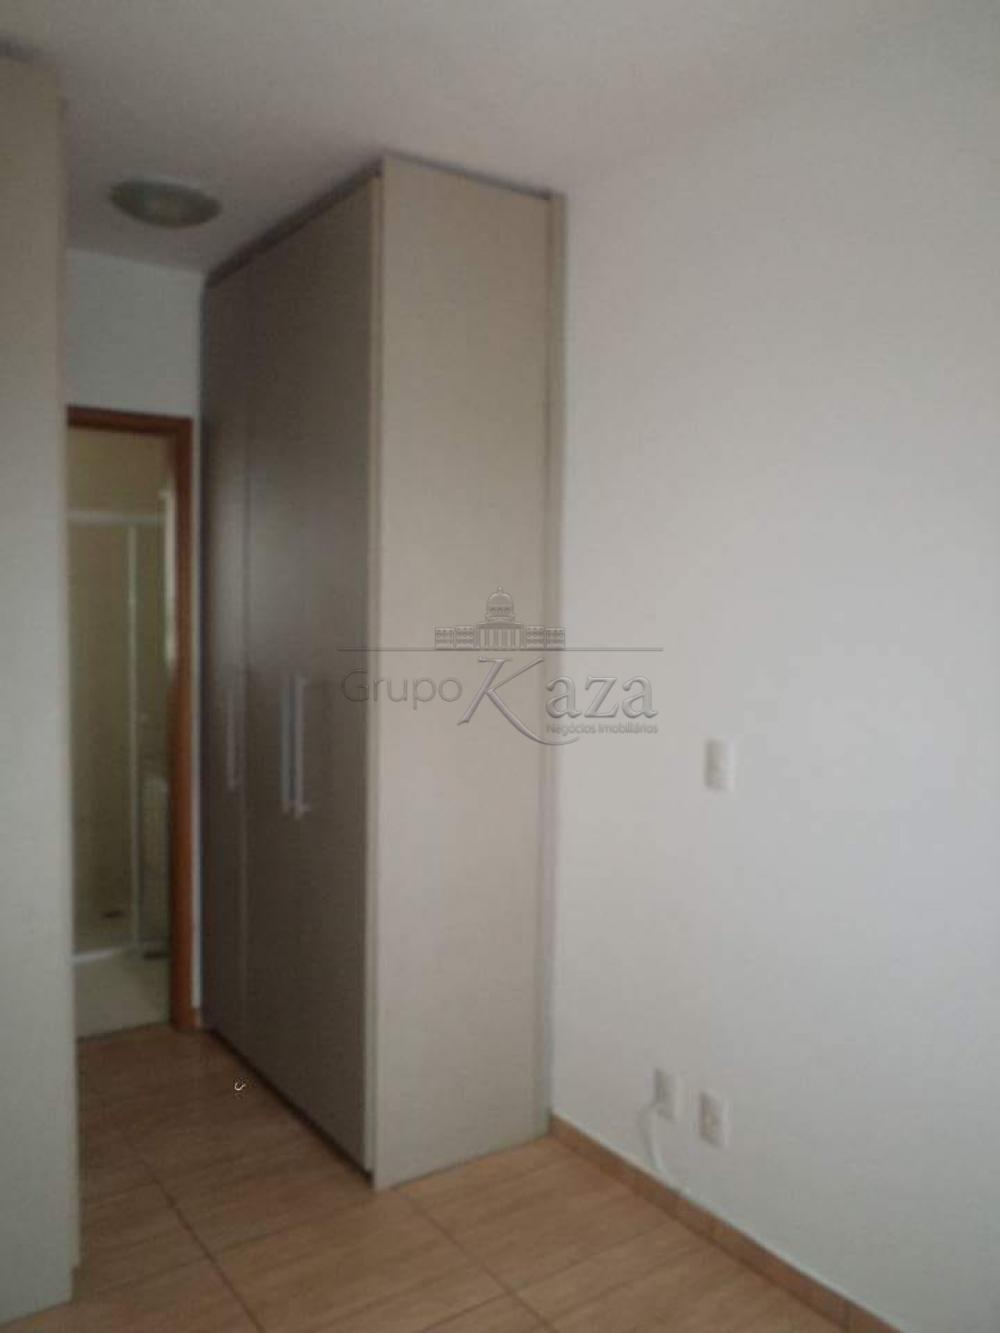 alt='Alugar Apartamento / Padrão em São José dos Campos R$ 1.250,00 - Foto 6' title='Alugar Apartamento / Padrão em São José dos Campos R$ 1.250,00 - Foto 6'